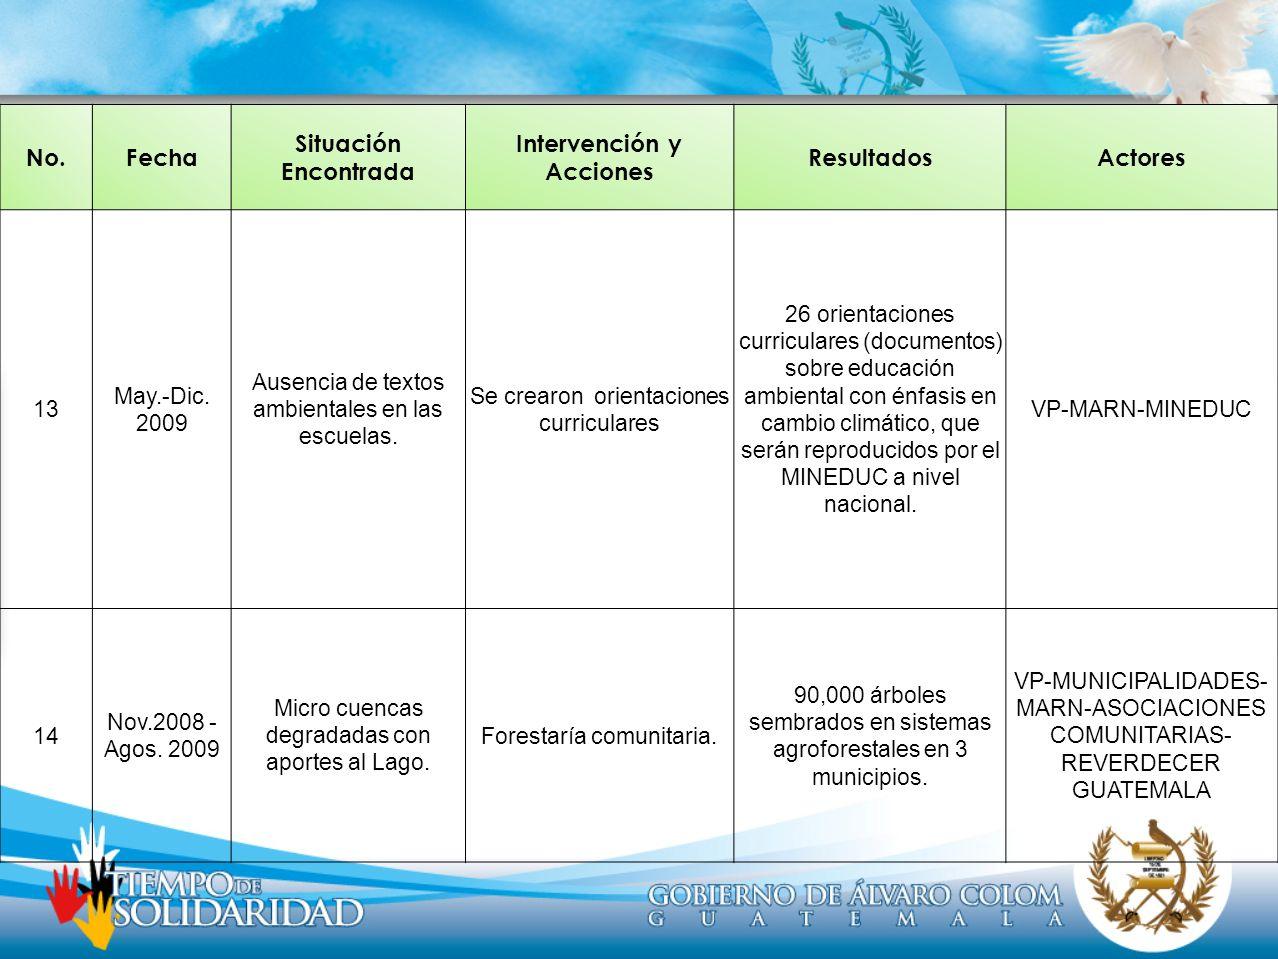 No.Fecha Situación Encontrada Intervención y Acciones ResultadosActores 13 May.-Dic. 2009 Ausencia de textos ambientales en las escuelas. Se crearon o